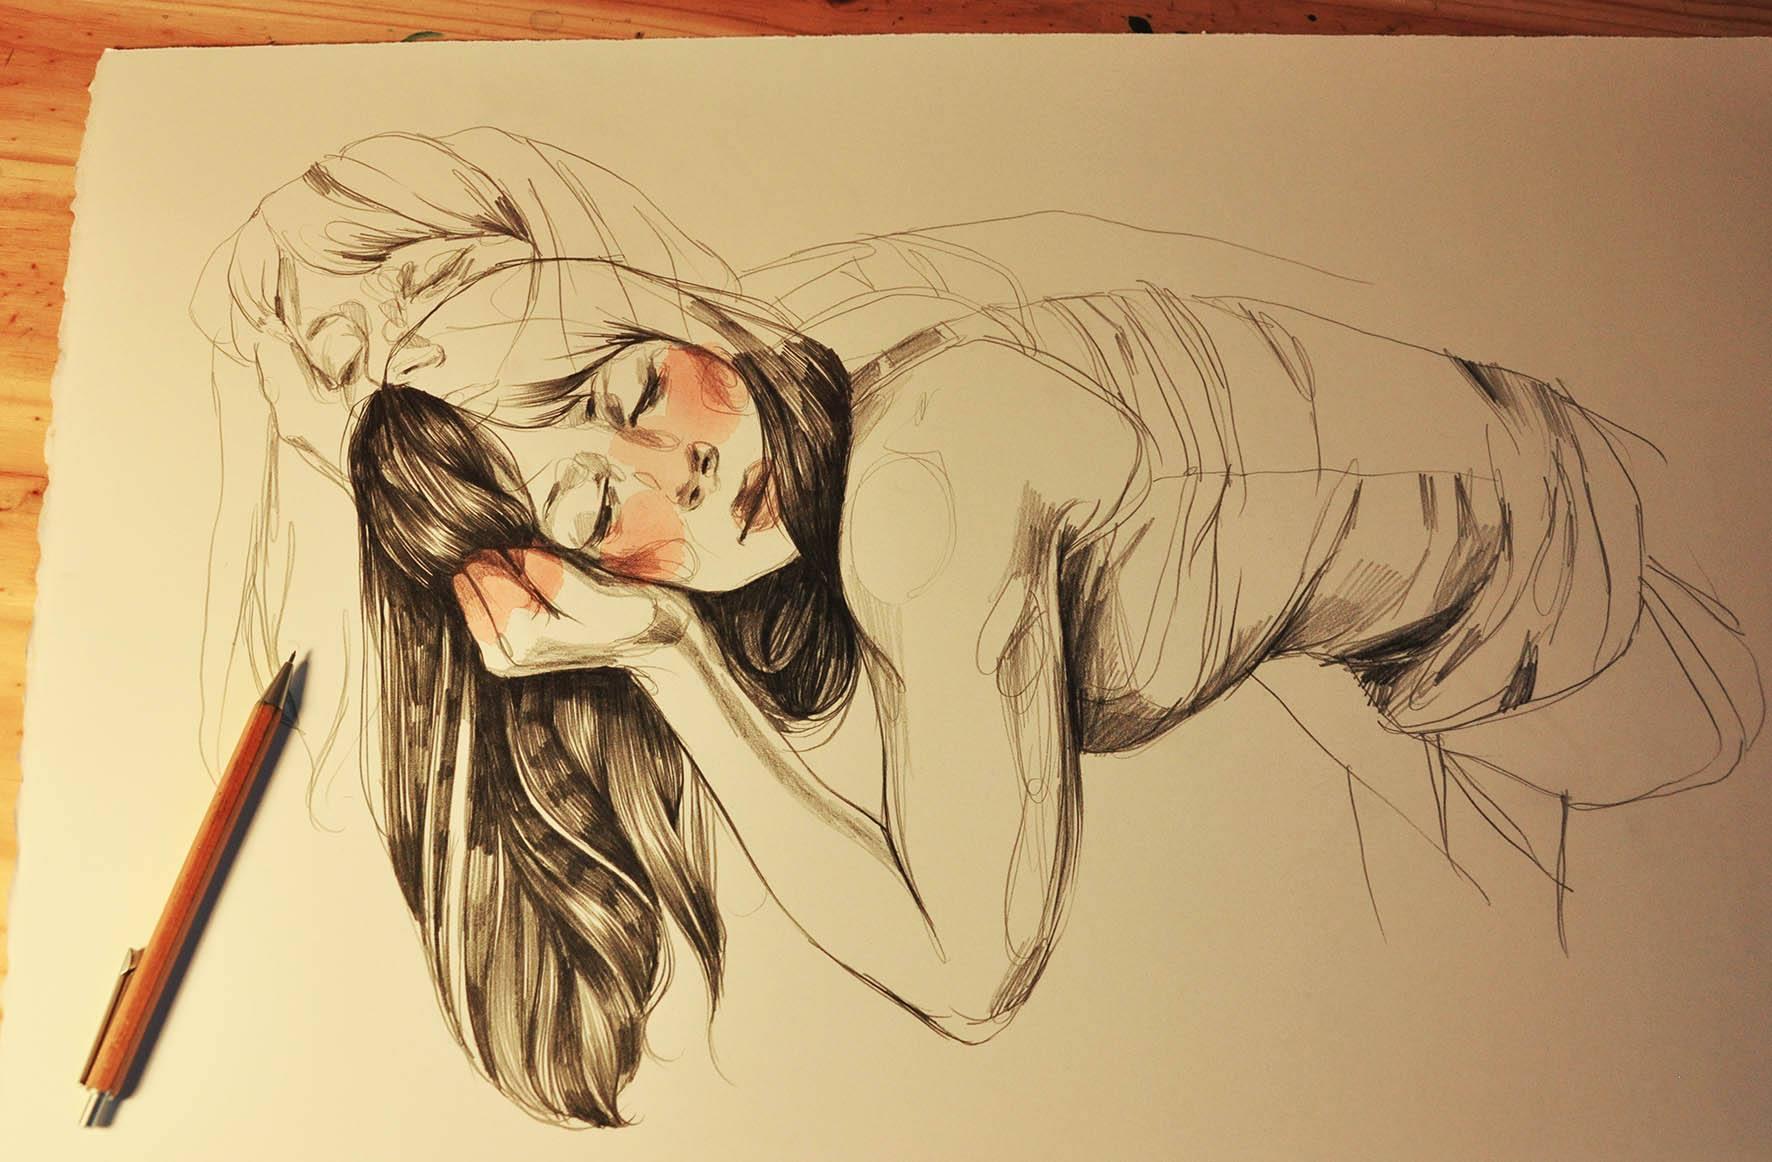 paula-bonet-illustrations-everythingwithatwist-11